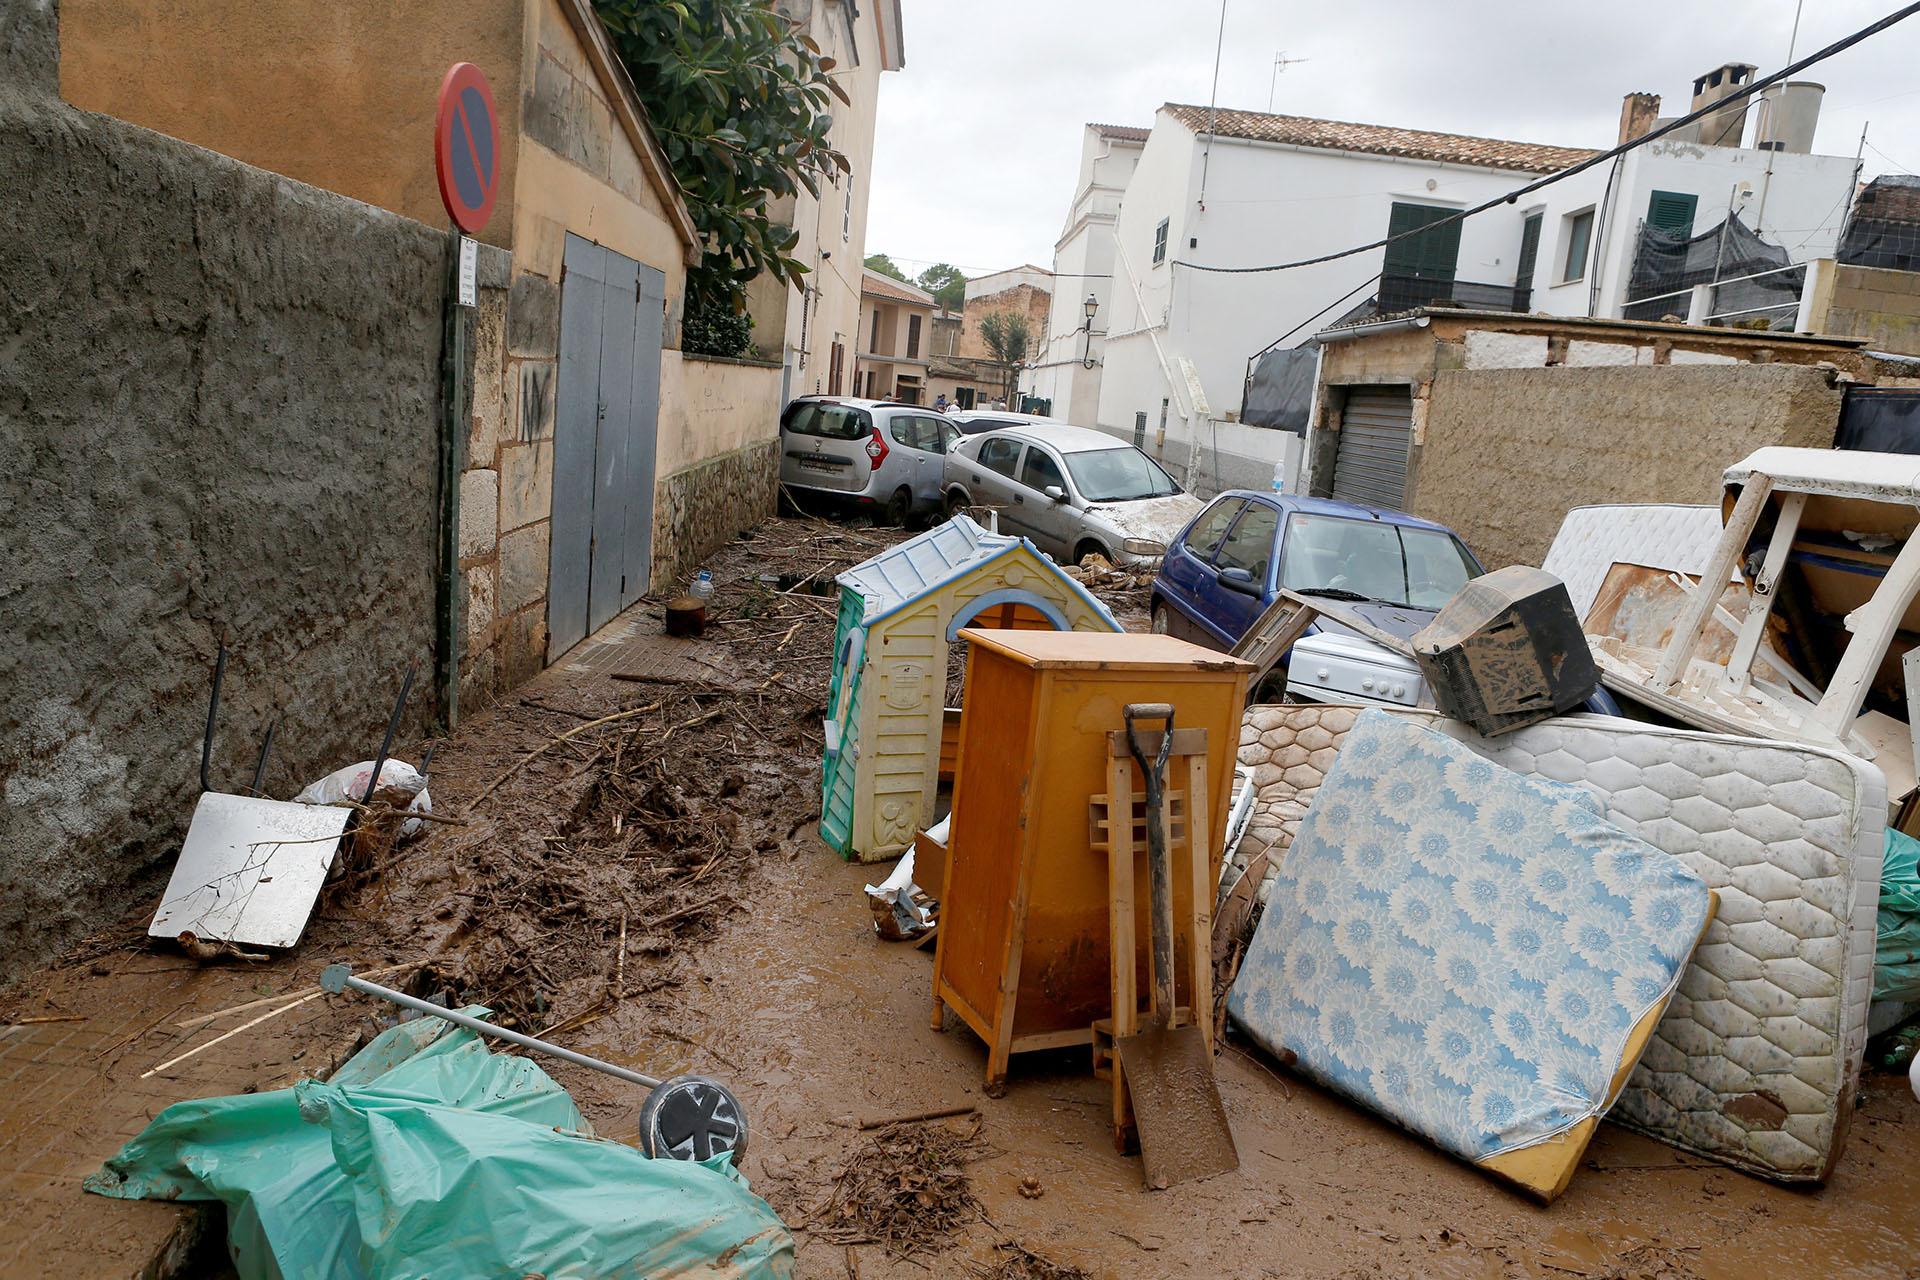 Nueve carreteras de la zona oriental de la isla permanecen cerradas a causa de los desbordamientos, informó el Gobierno de Baleares